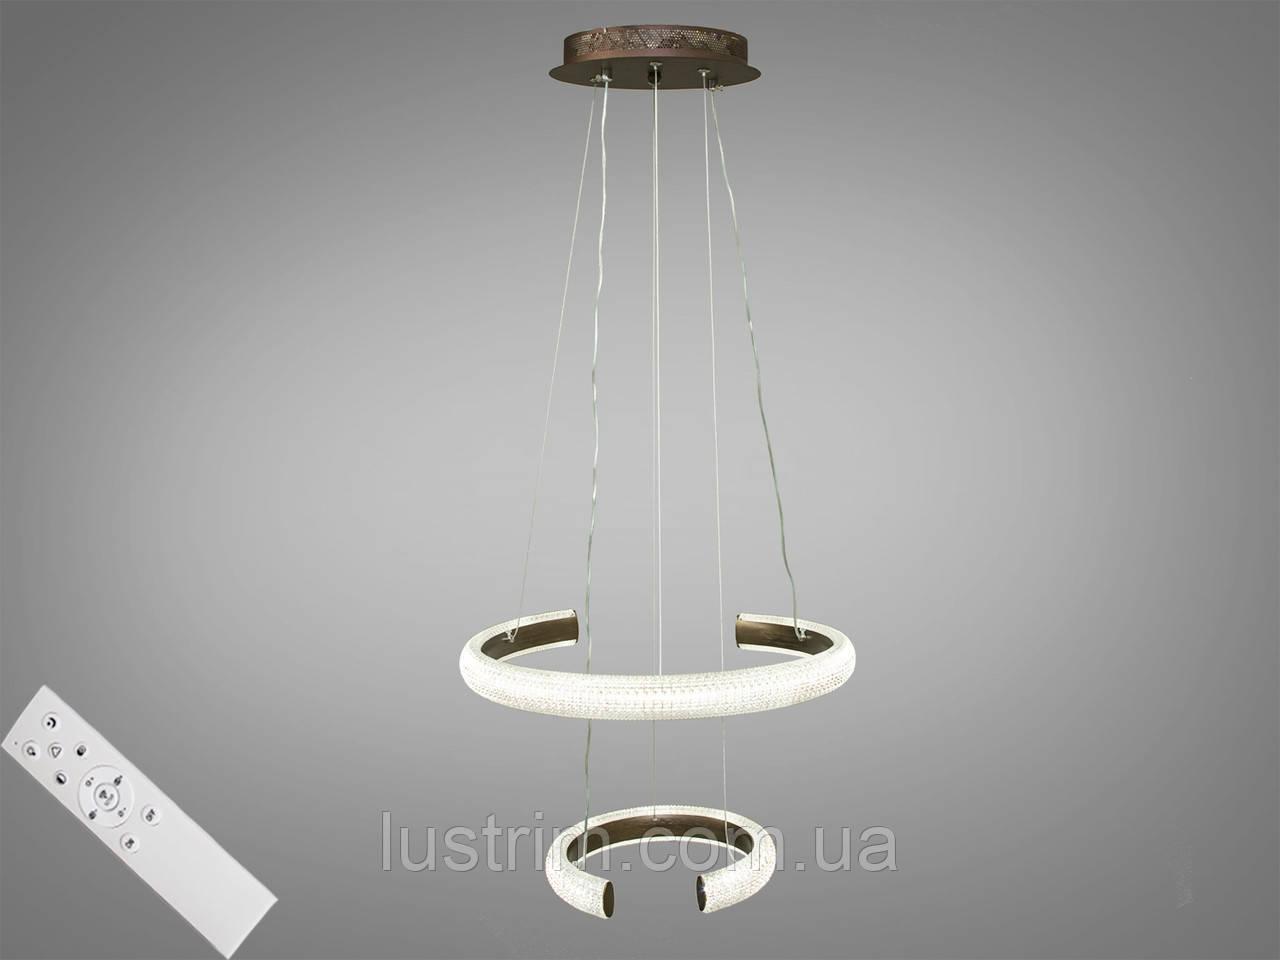 Современная светодиодная люстра с диммером, 45W